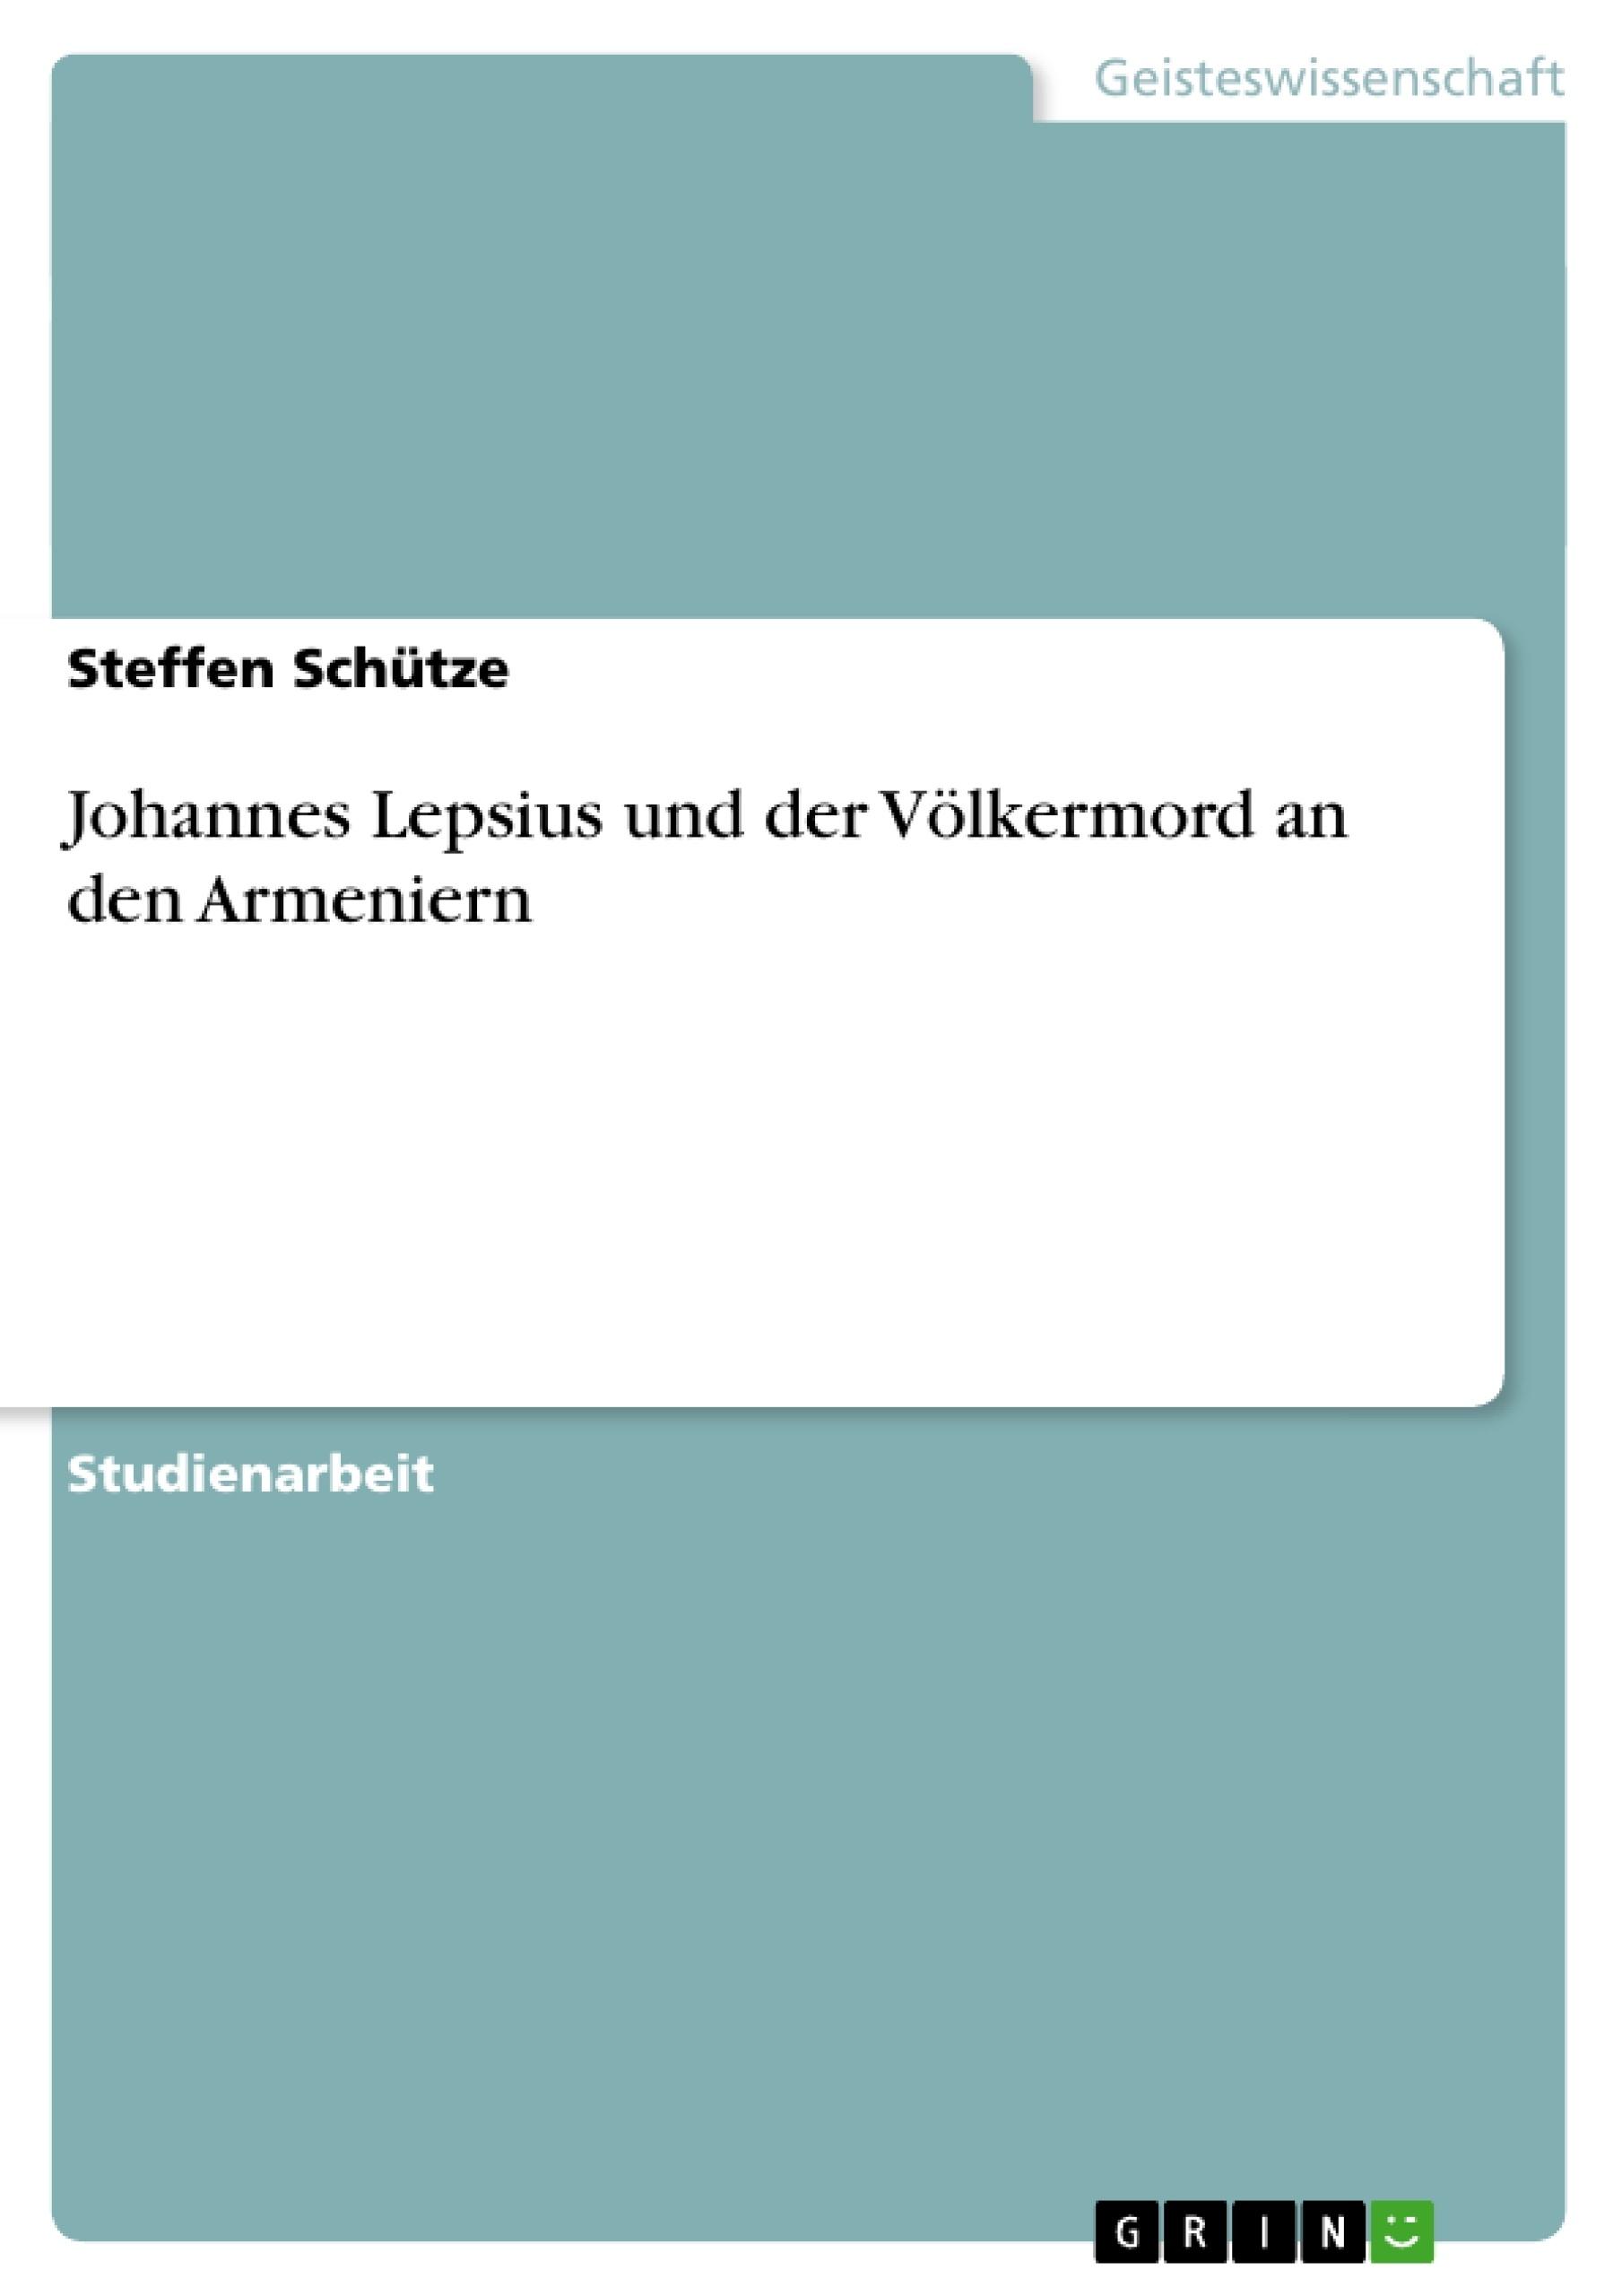 Titel: Johannes Lepsius und der Völkermord an den Armeniern